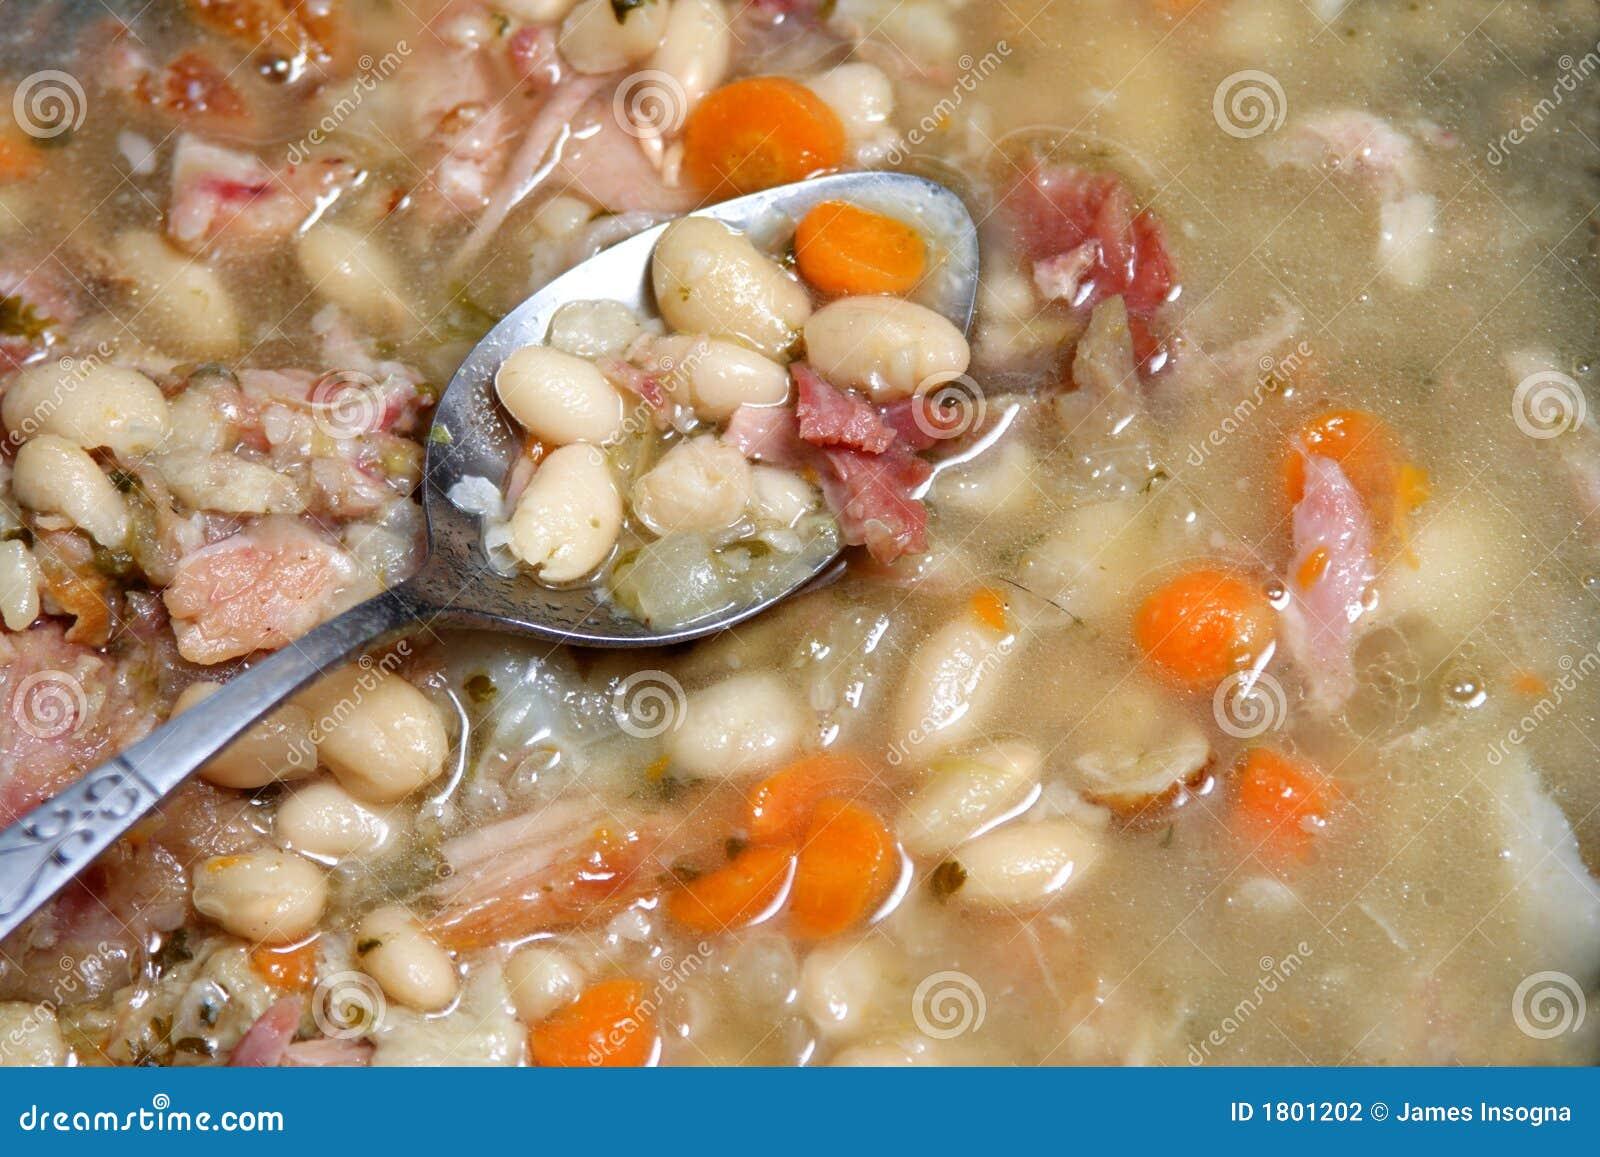 Colher na sopa de feijão.